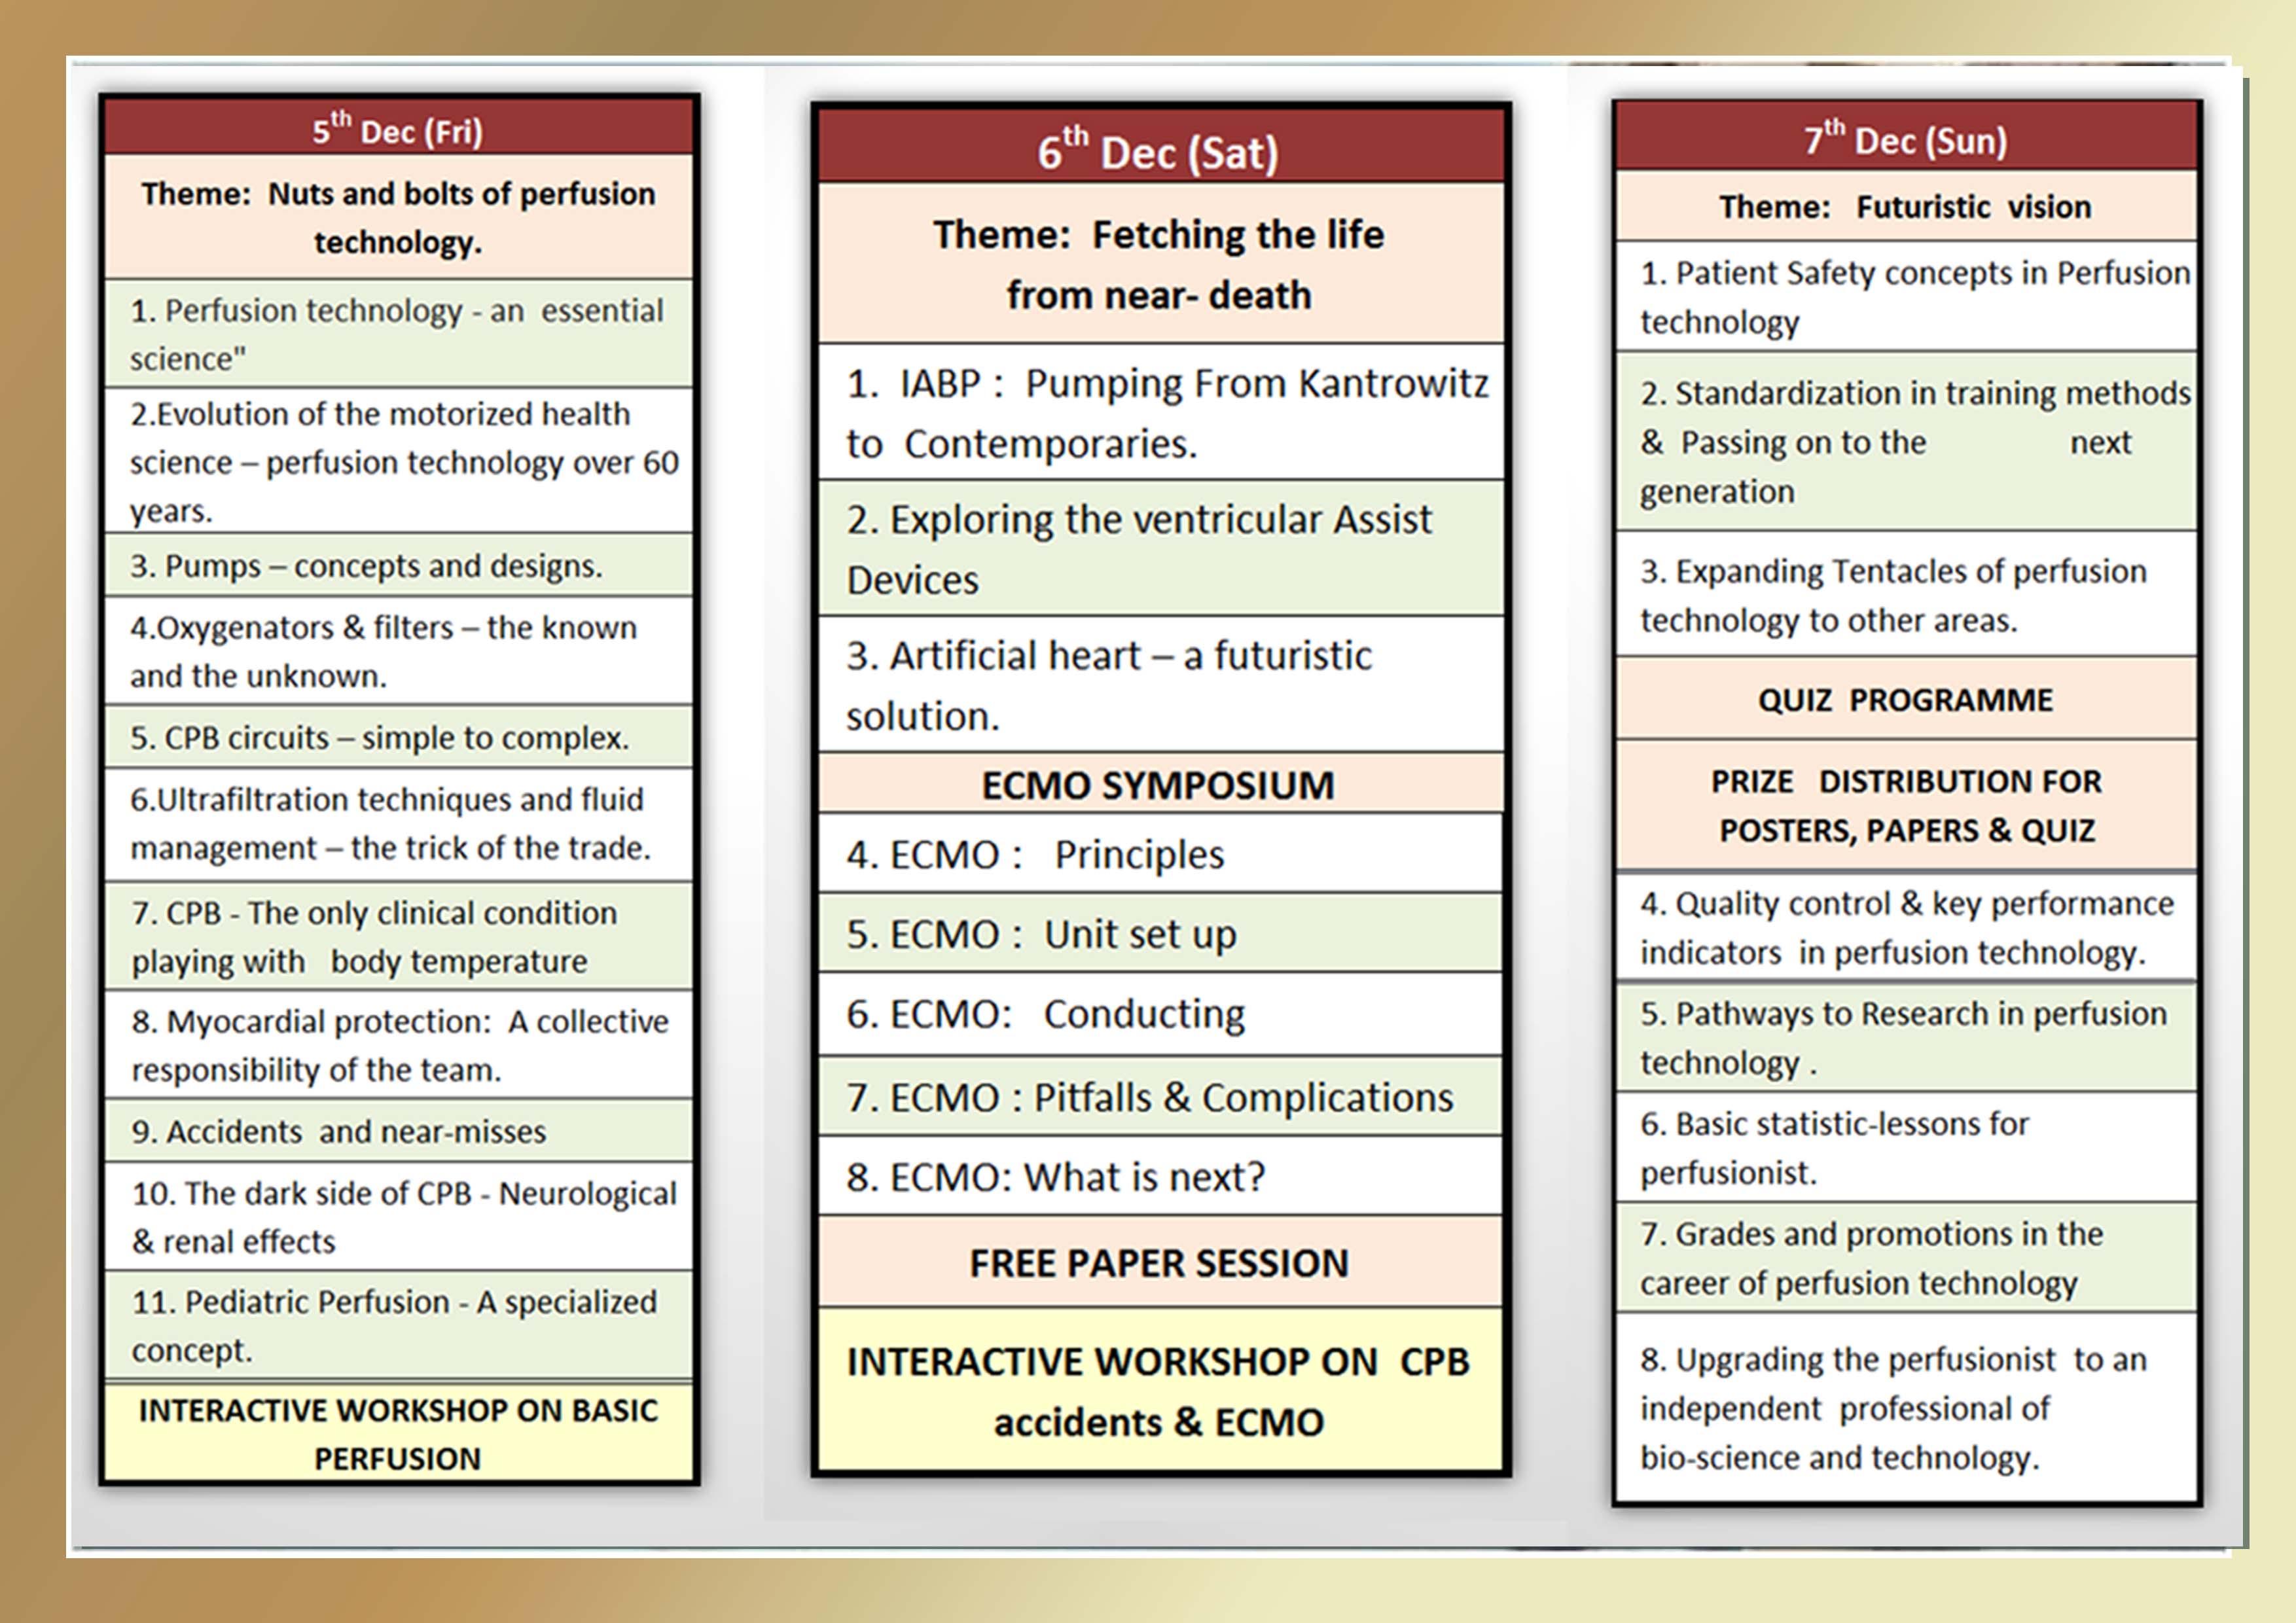 3. Perteccon Brochure - Academic schedule copy